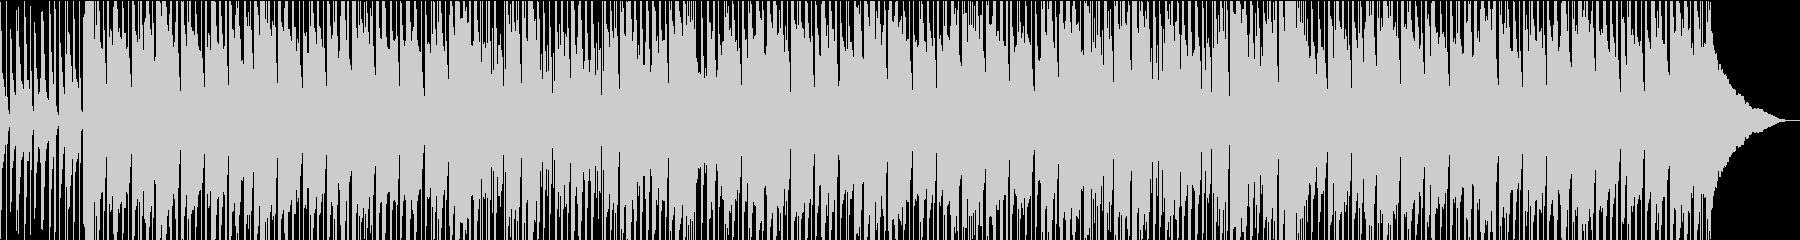 ウクレレほのぼのPOP(オケ)の未再生の波形